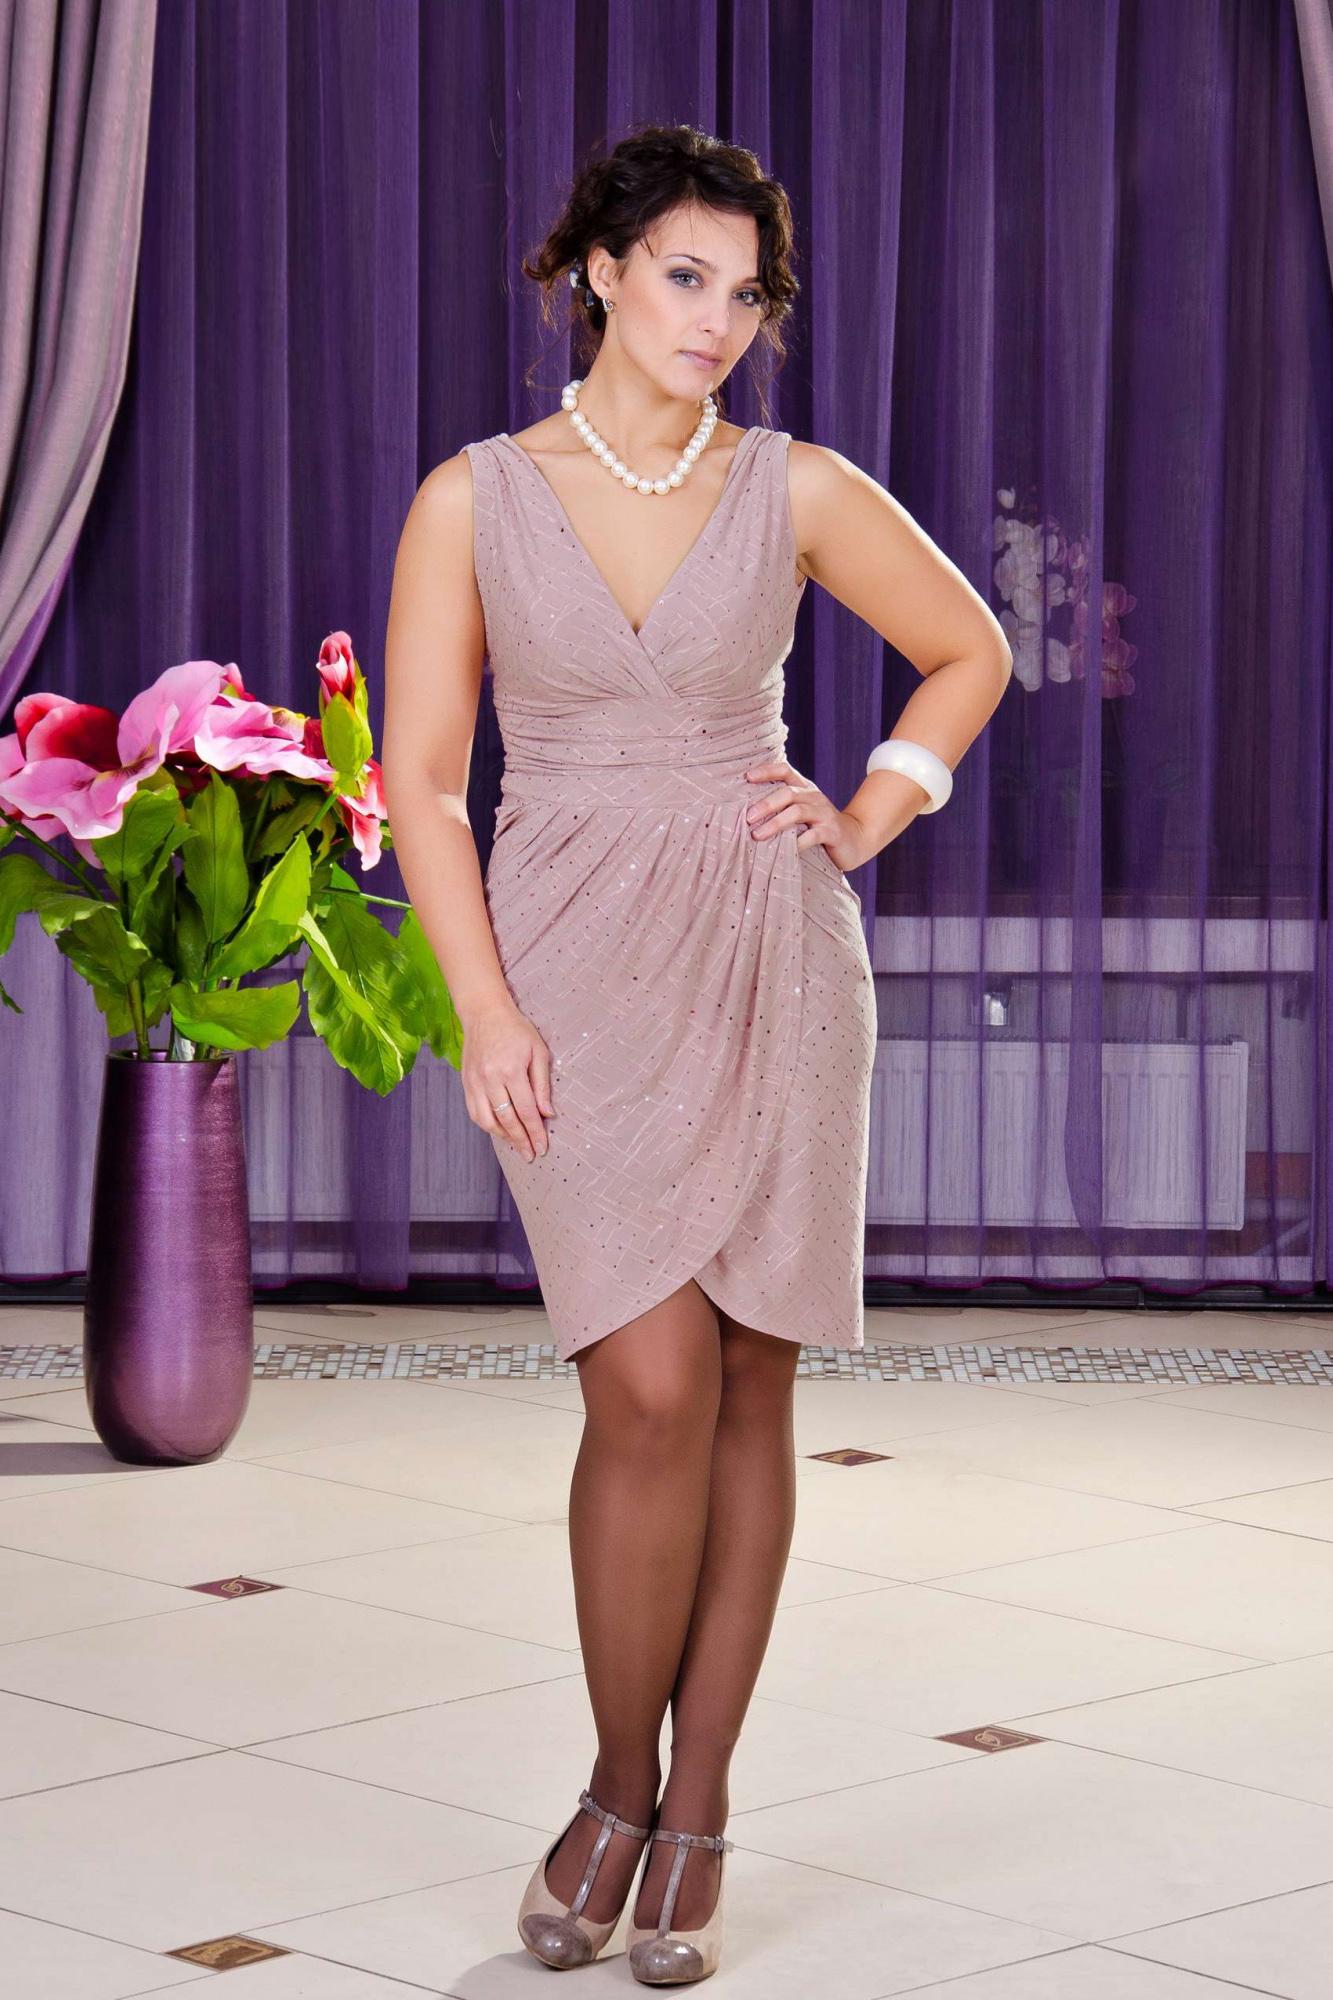 ПлатьеПлатья<br>Грациозное, нарядное платье в греческом стиле. Лиф и юбка выполнены на запах. Бижутерия в комплект не входит.Цвет: розовый.Длина изделия около 98 см<br><br>Горловина: V- горловина,Запах<br>Рукав: Без рукавов<br>Длина: До колена<br>Материал: Трикотаж<br>Стиль: Вечерний стиль,Нарядный стиль<br>Рисунок: Однотонные<br>Сезон: Весна,Всесезон,Зима,Лето,Осень<br>Силуэт: Приталенные<br>Форма: Платье - тюльпан<br>Элементы: С вырезом,С декором,С завышенной талией,С разрезом,С фигурным низом,Со складками<br>Размер : 46,52,54<br>Материал: Холодное масло<br>Количество в наличии: 3